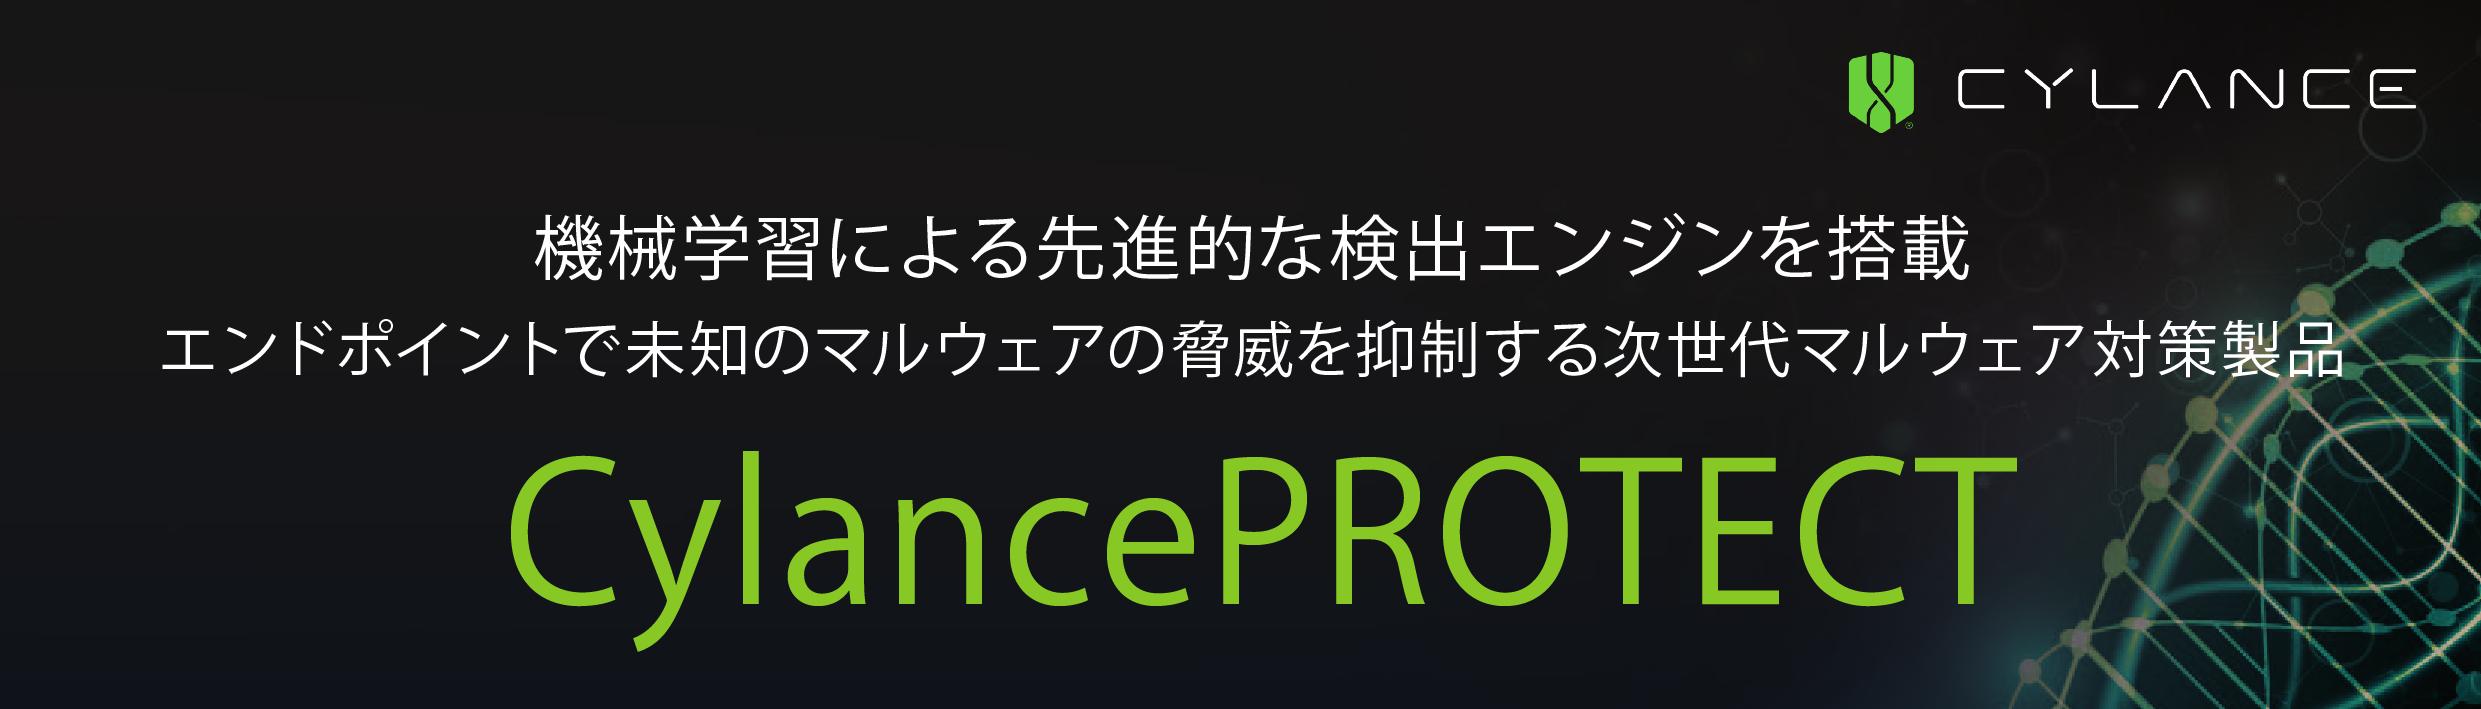 エンドポイントで未知のマルウェアの脅威を抑制する次世代マルウェア対策製品CylancePROTECT